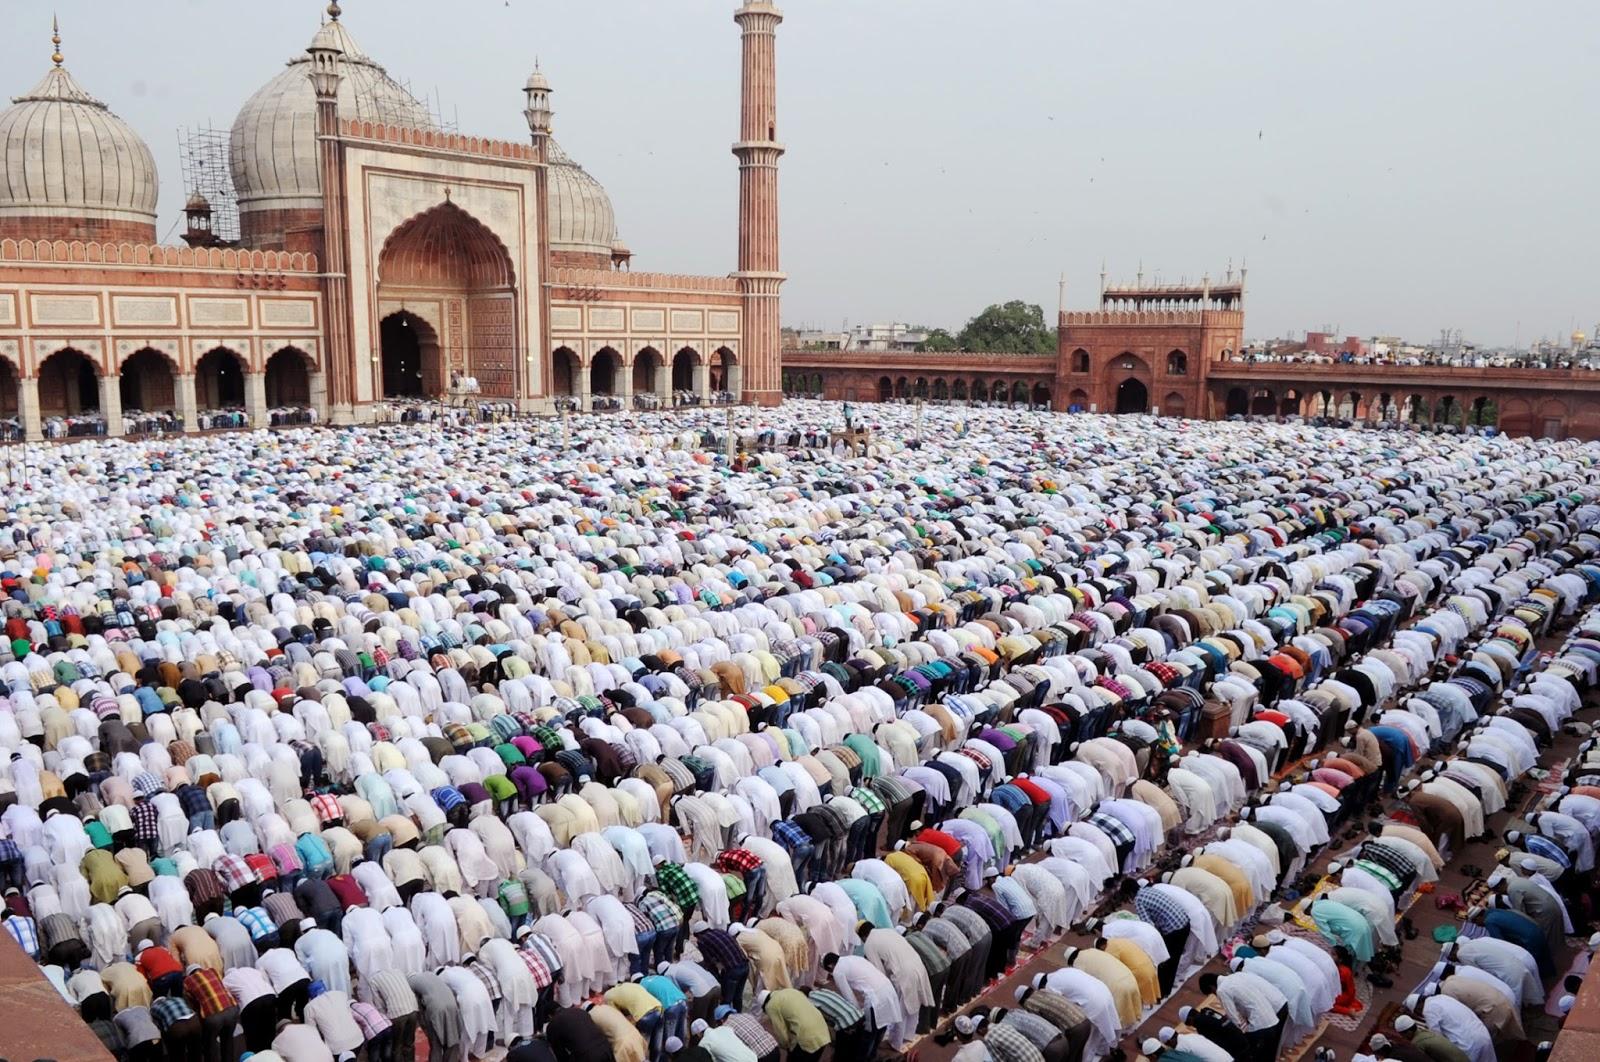 People offer namaz at Jama Masjid on Eid Al Adha